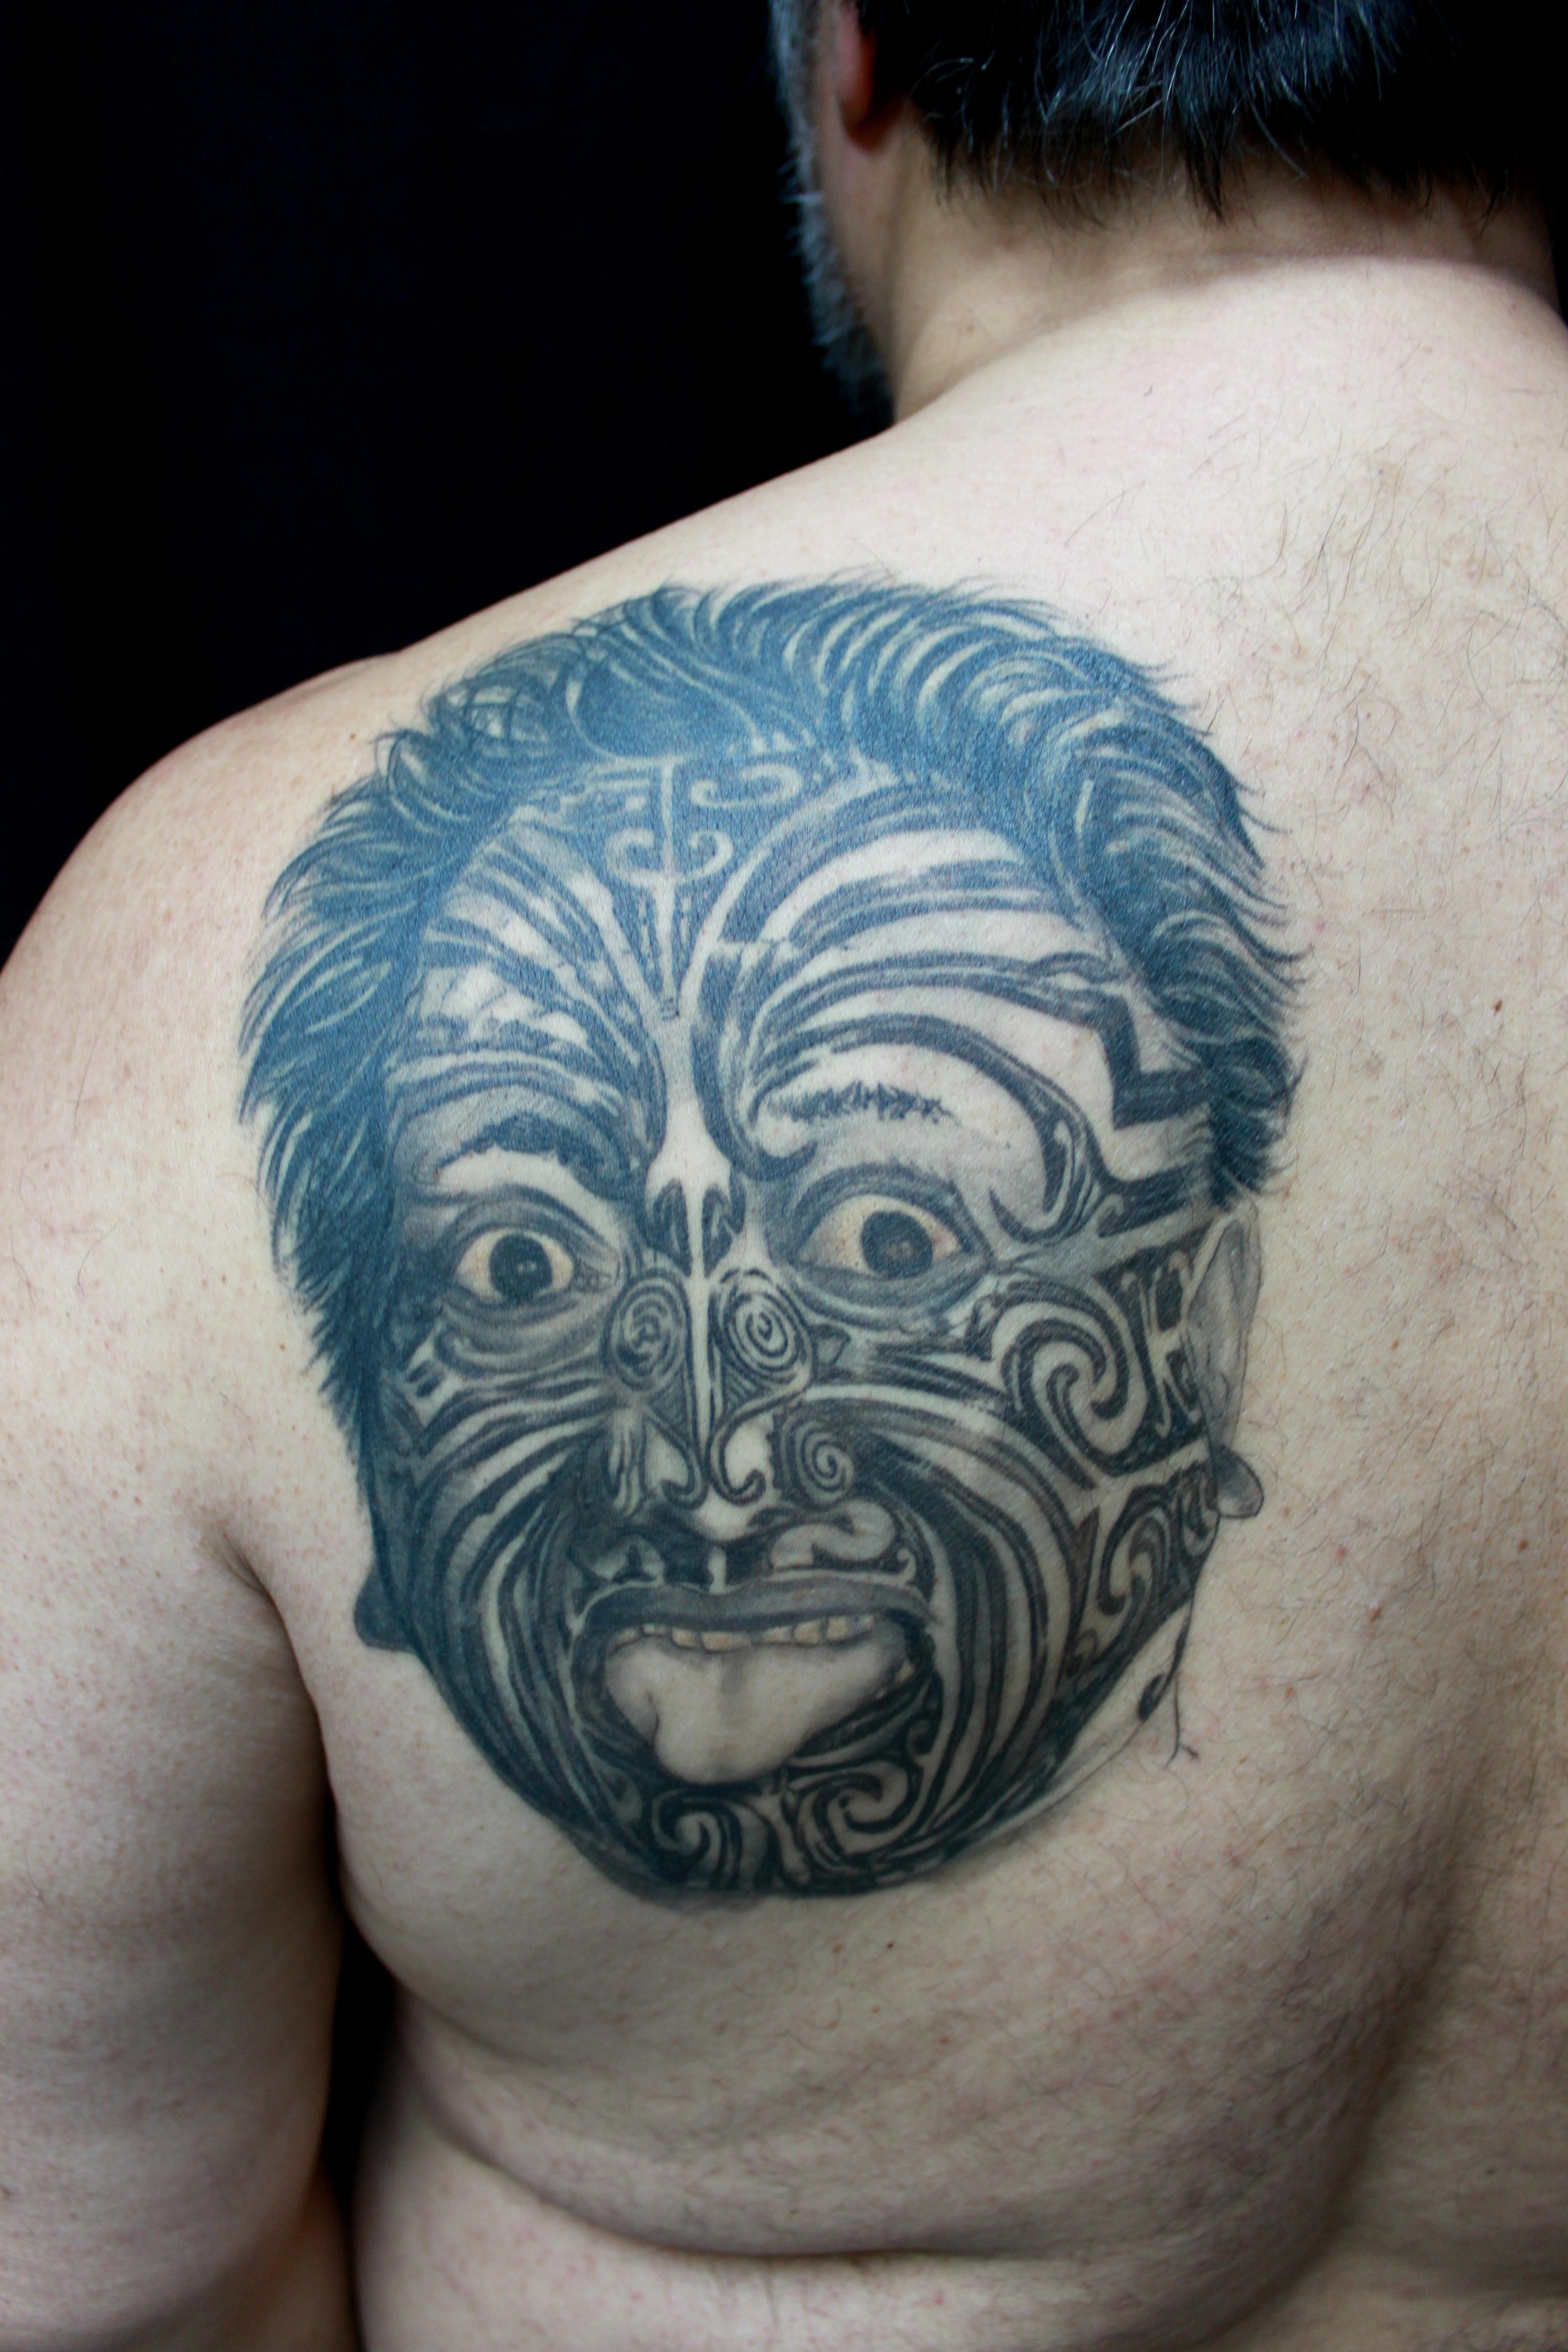 ilmaisia kuvia tatuointi k sivarsi rinta ihmiskehon kasvot p elin maori mene. Black Bedroom Furniture Sets. Home Design Ideas